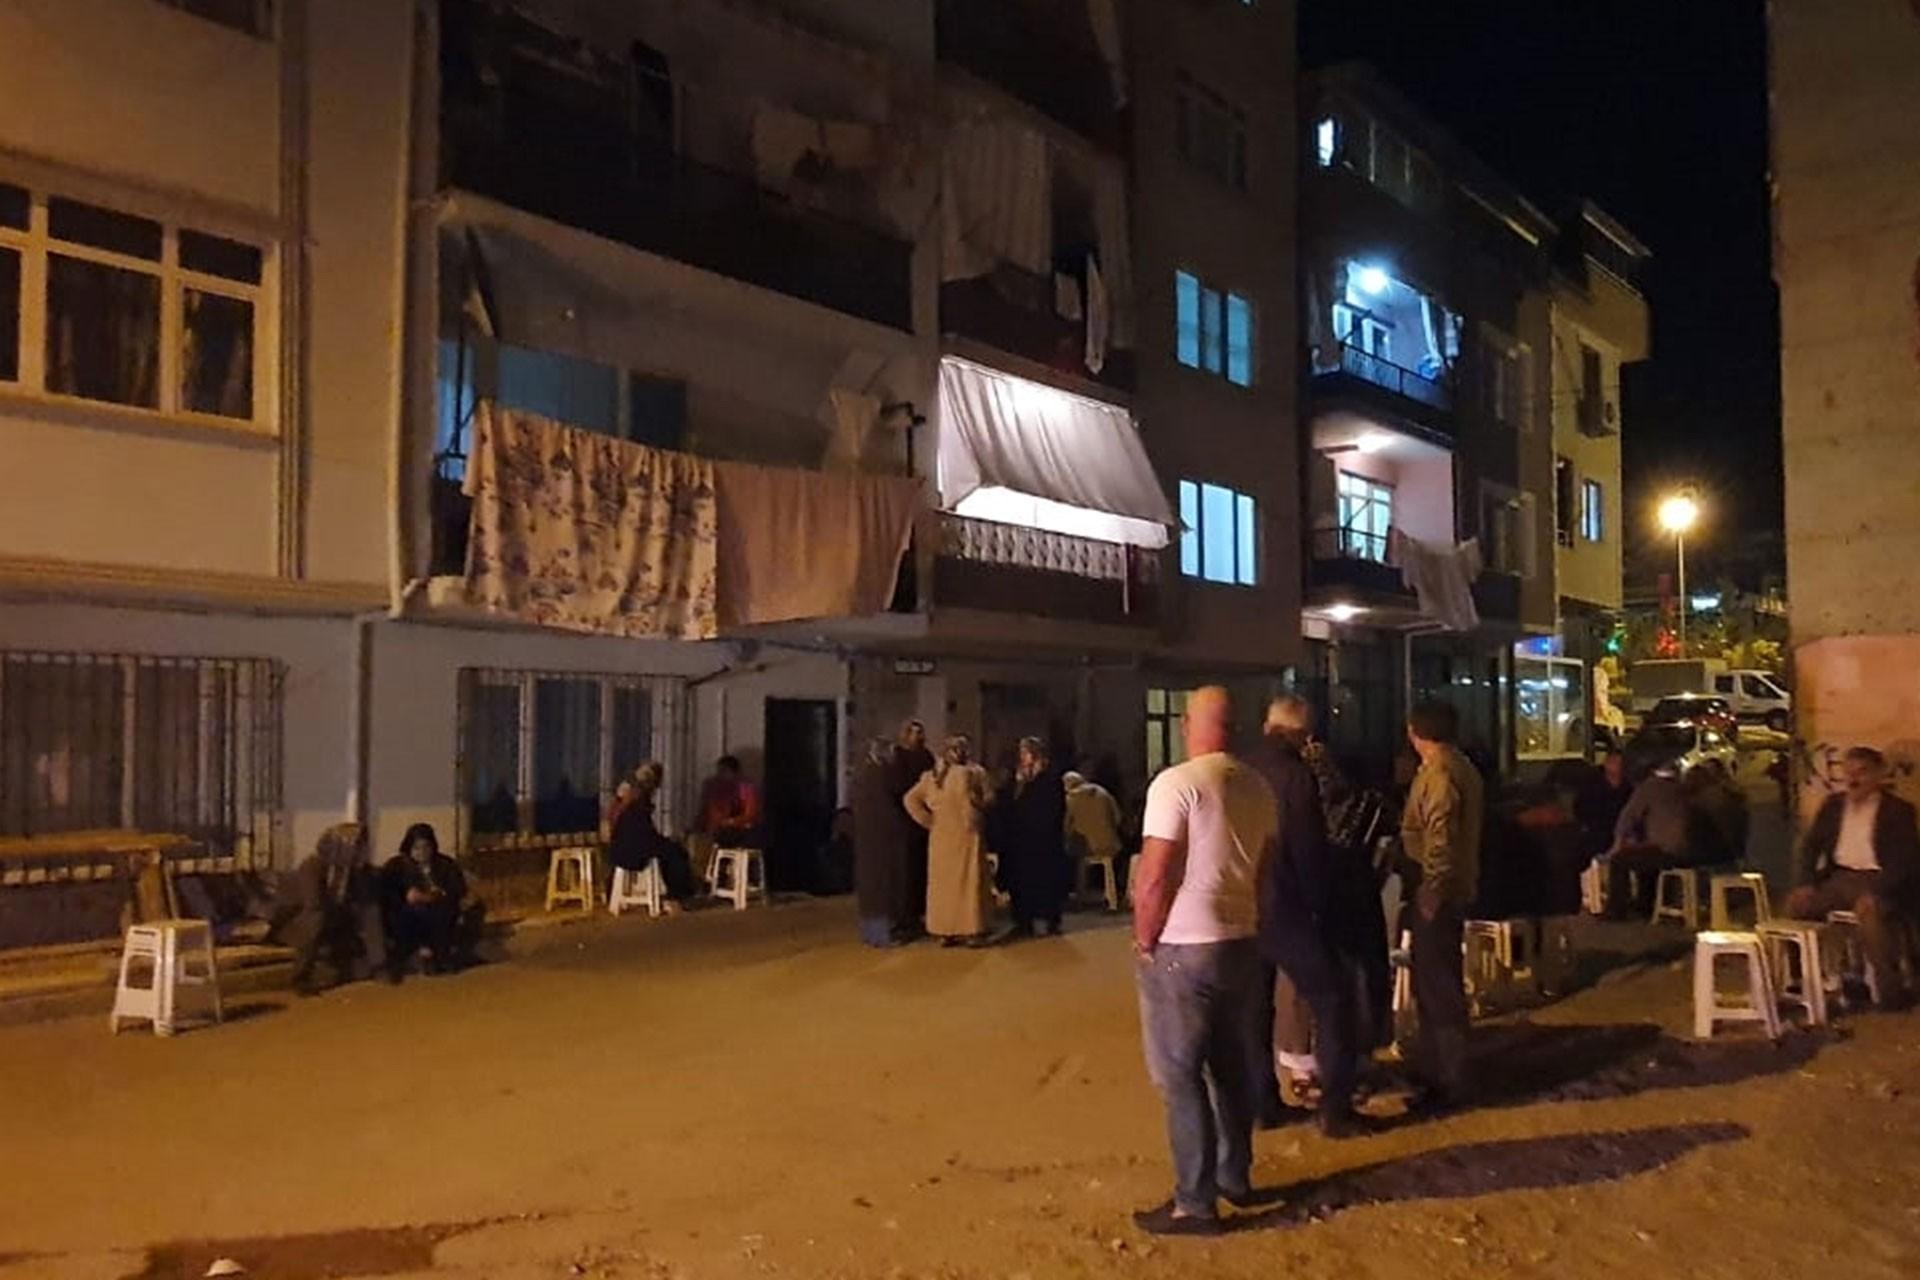 Bursa'da iş cinayeti: Fatma Ç. çalıştığı marketin deposunda yüksekten düşerek öldü